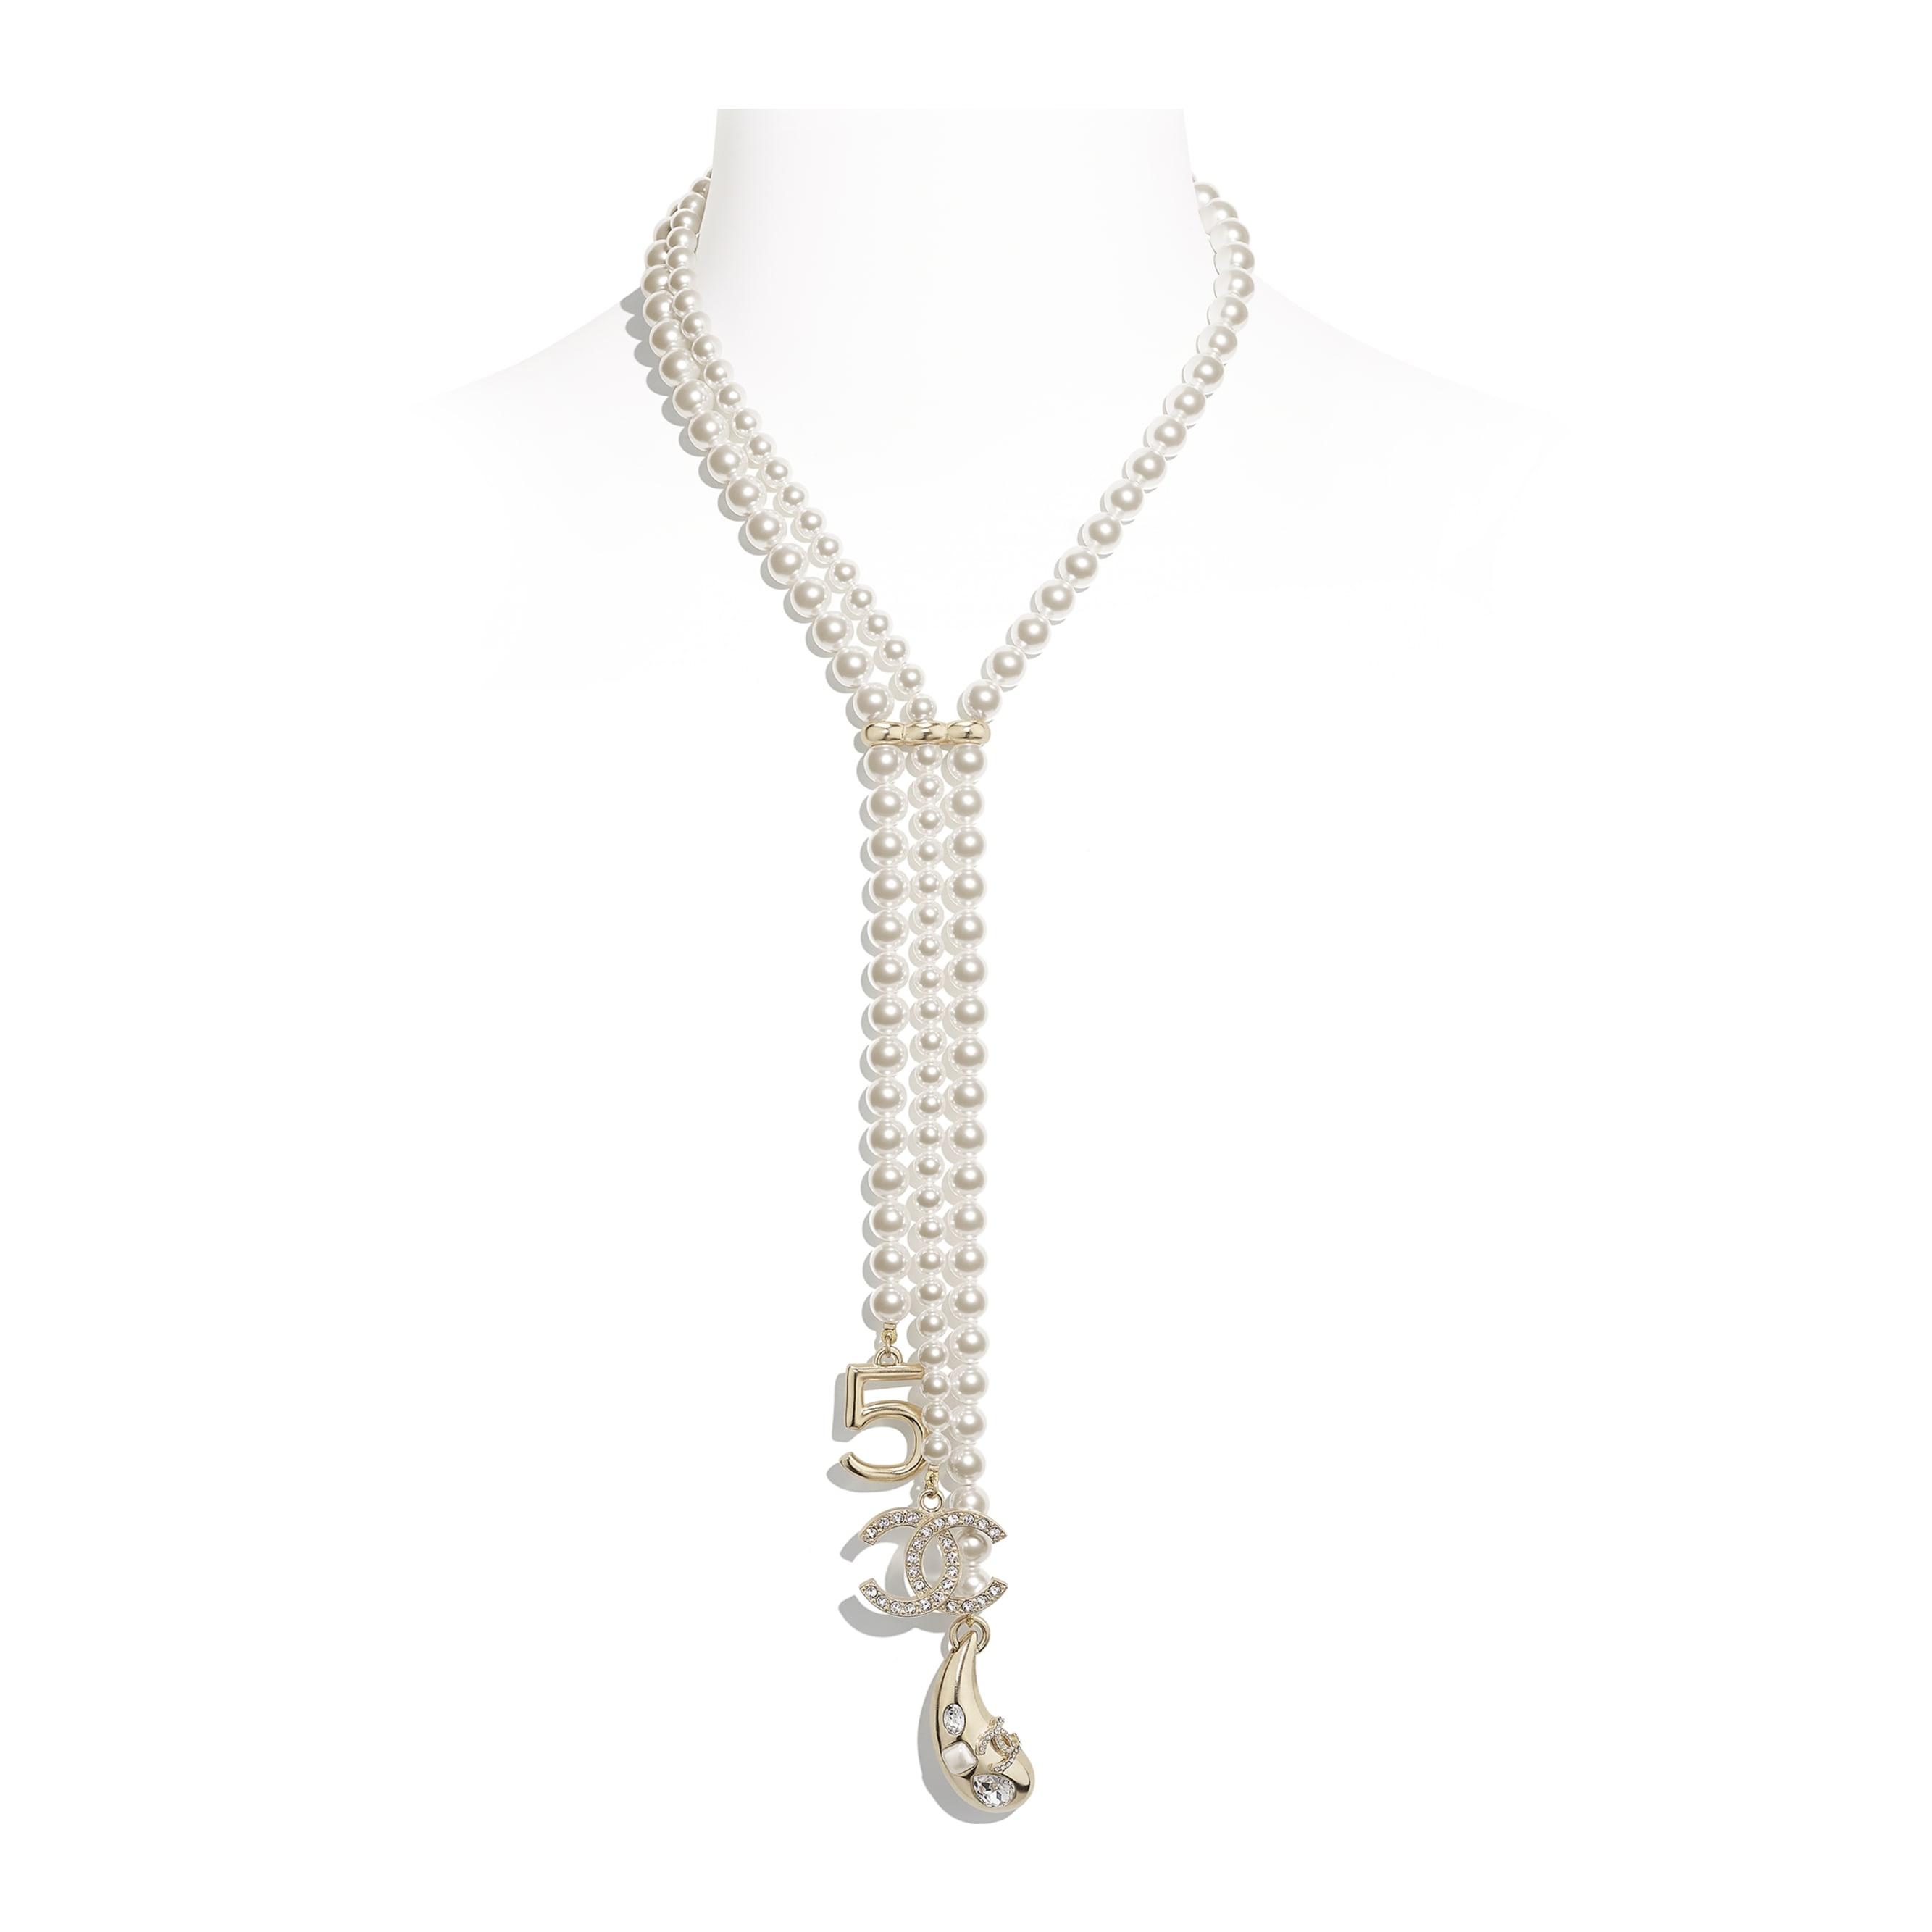 Naszyjnik - Kolor złoty, perłowobiały i krystaliczny - Metal, szklane perły, szkło i stras - CHANEL - Widok domyślny – zobacz w standardowym rozmiarze